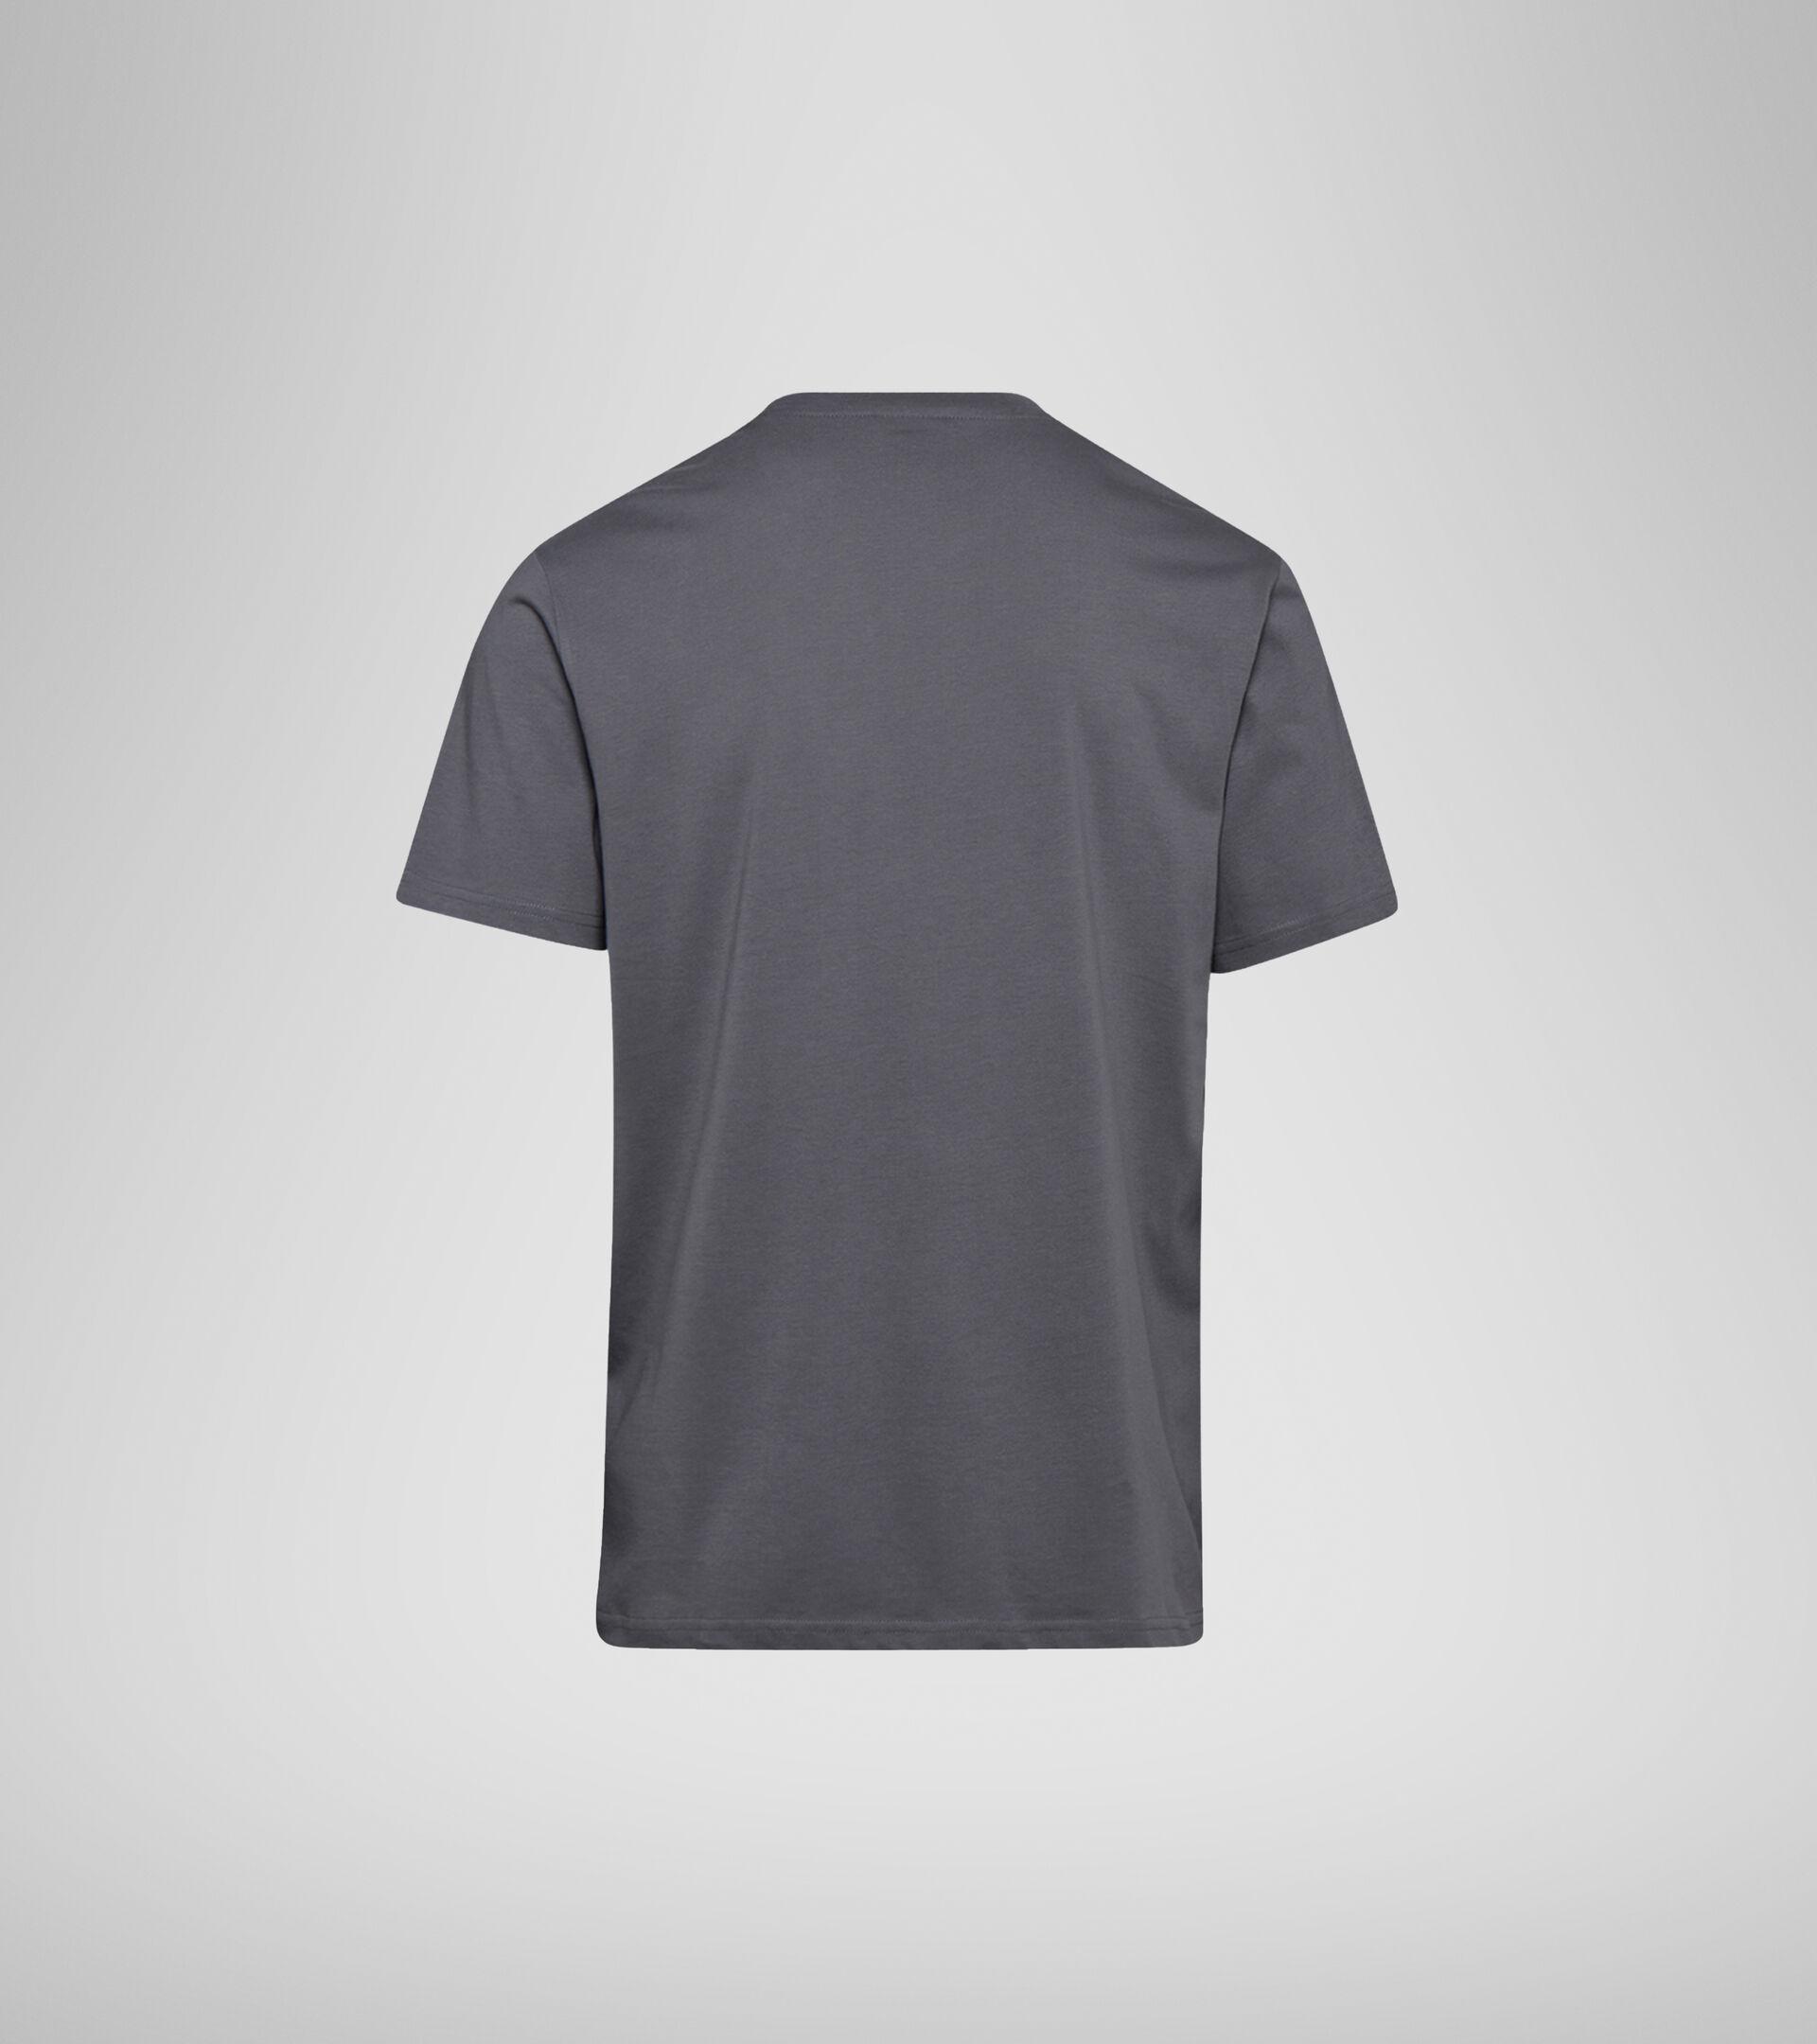 T-shirt - Uomo SS T-SHIRT CORE OC GRIGIO BUFERA - Diadora